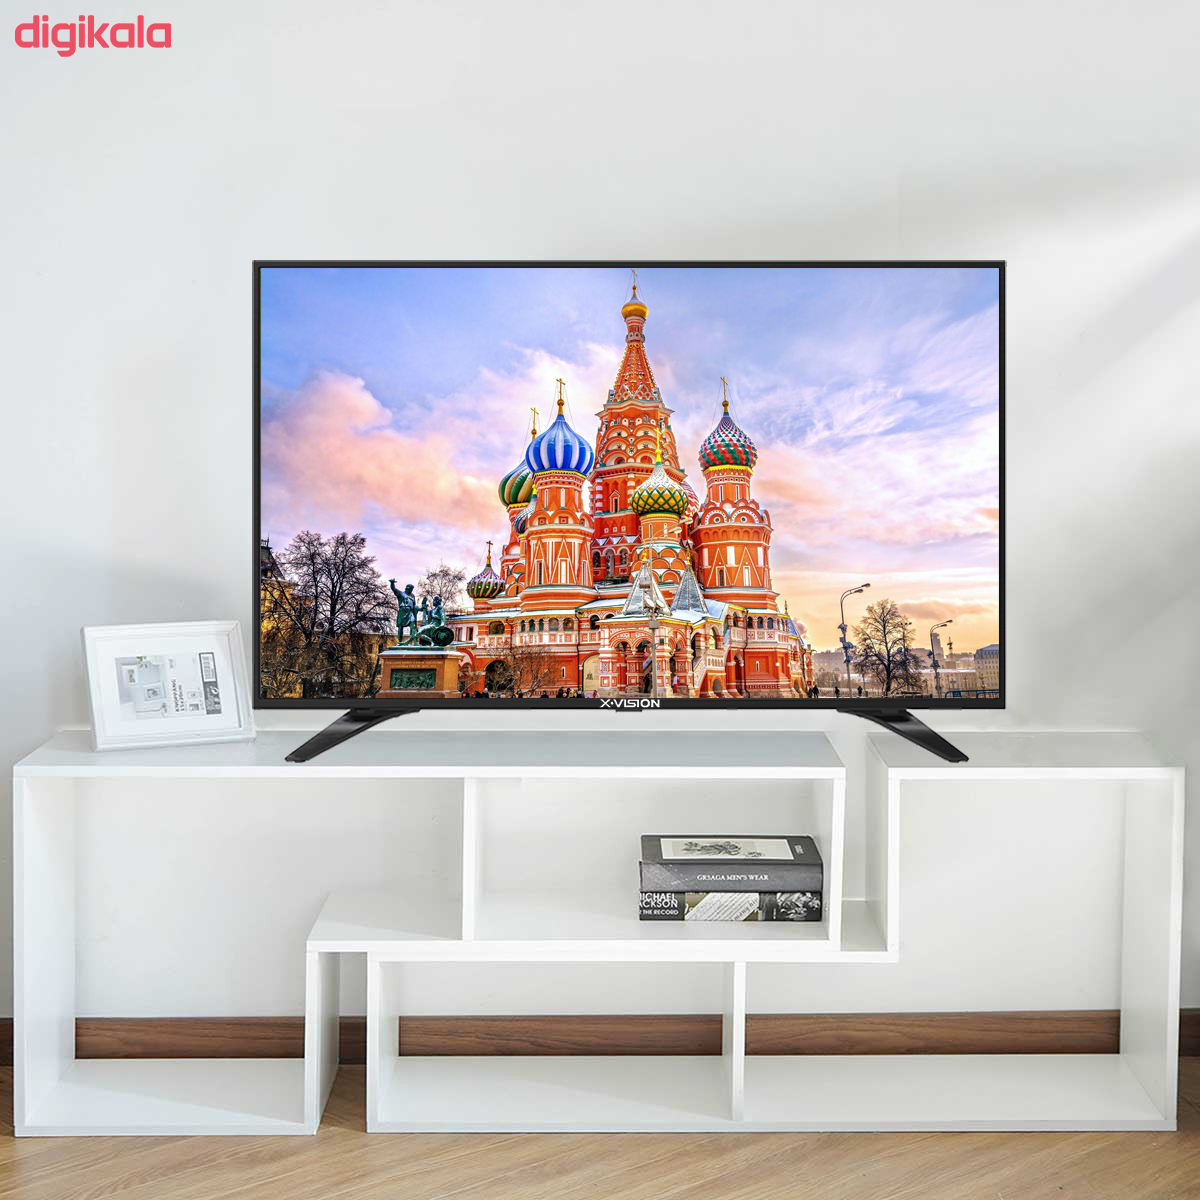 تلویزیون ال ای دی ایکس ویژن مدل 55XT540 سایز 55 اینچ main 1 10